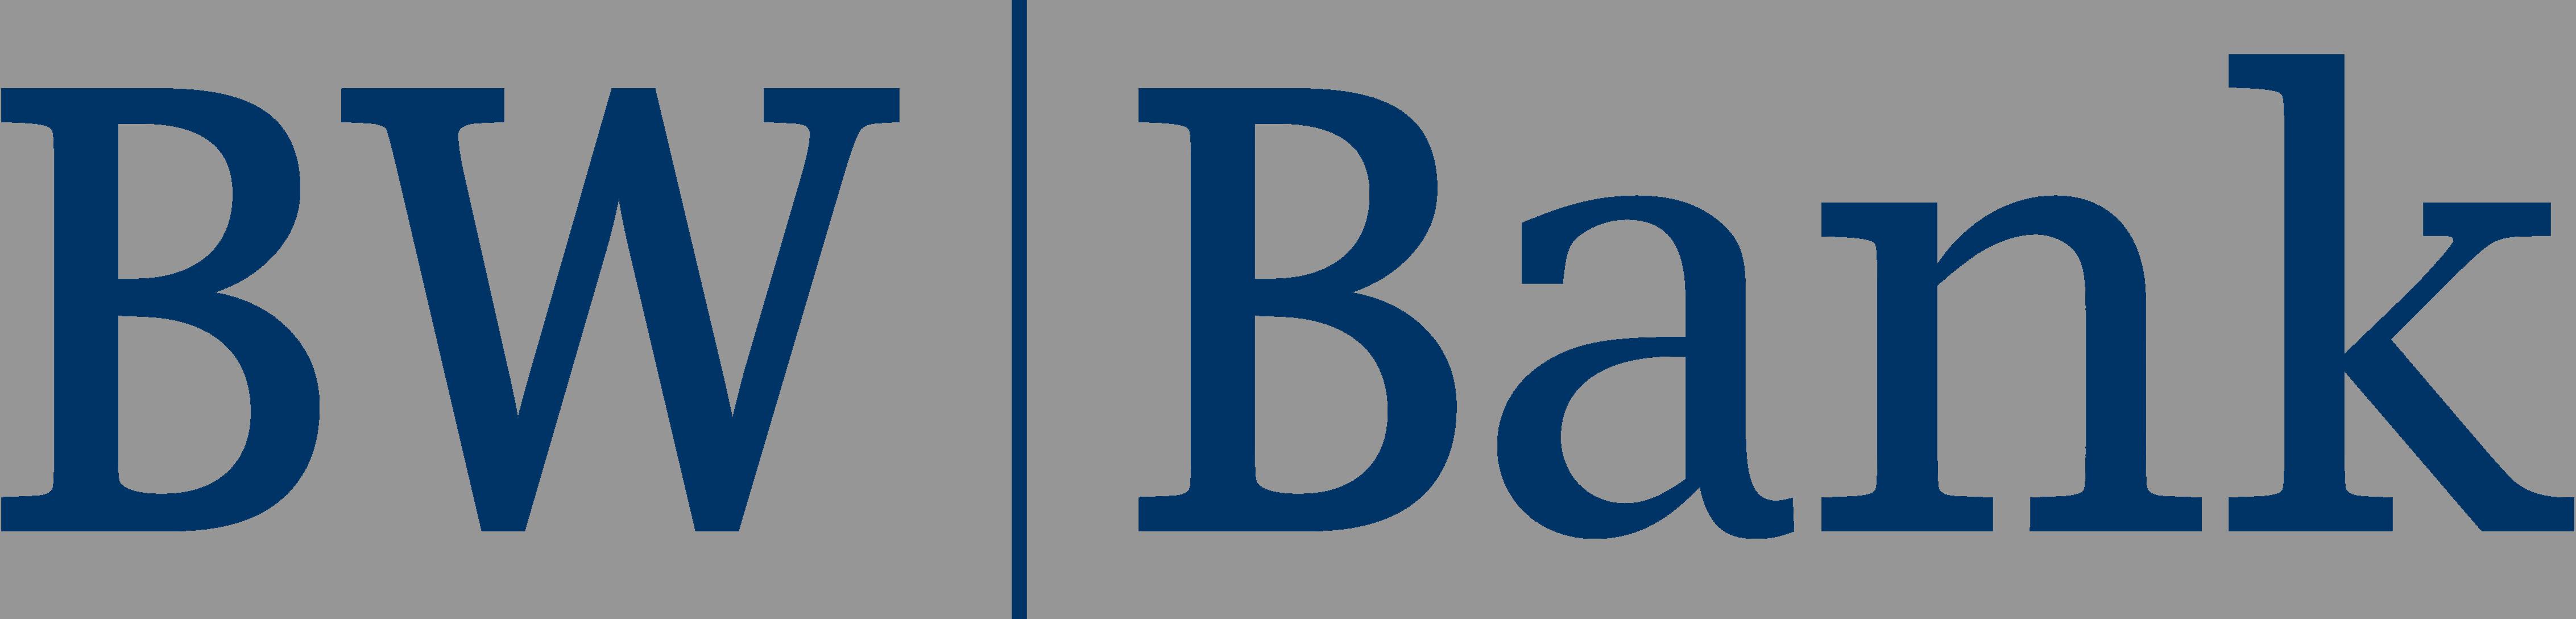 bw bank logos download. Black Bedroom Furniture Sets. Home Design Ideas